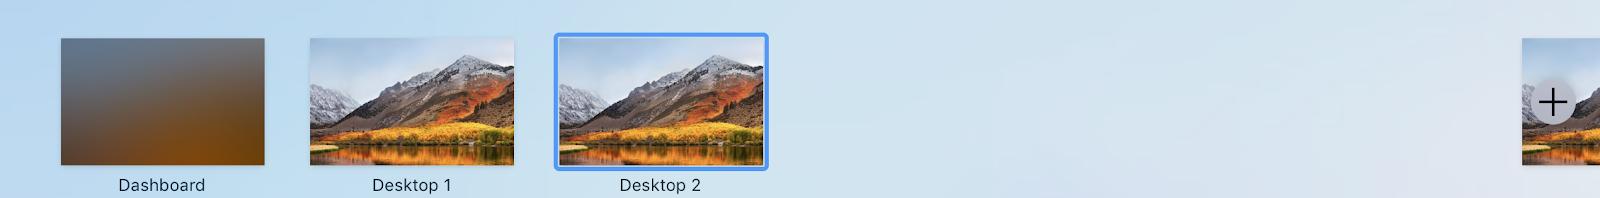 Apple's multiple displays